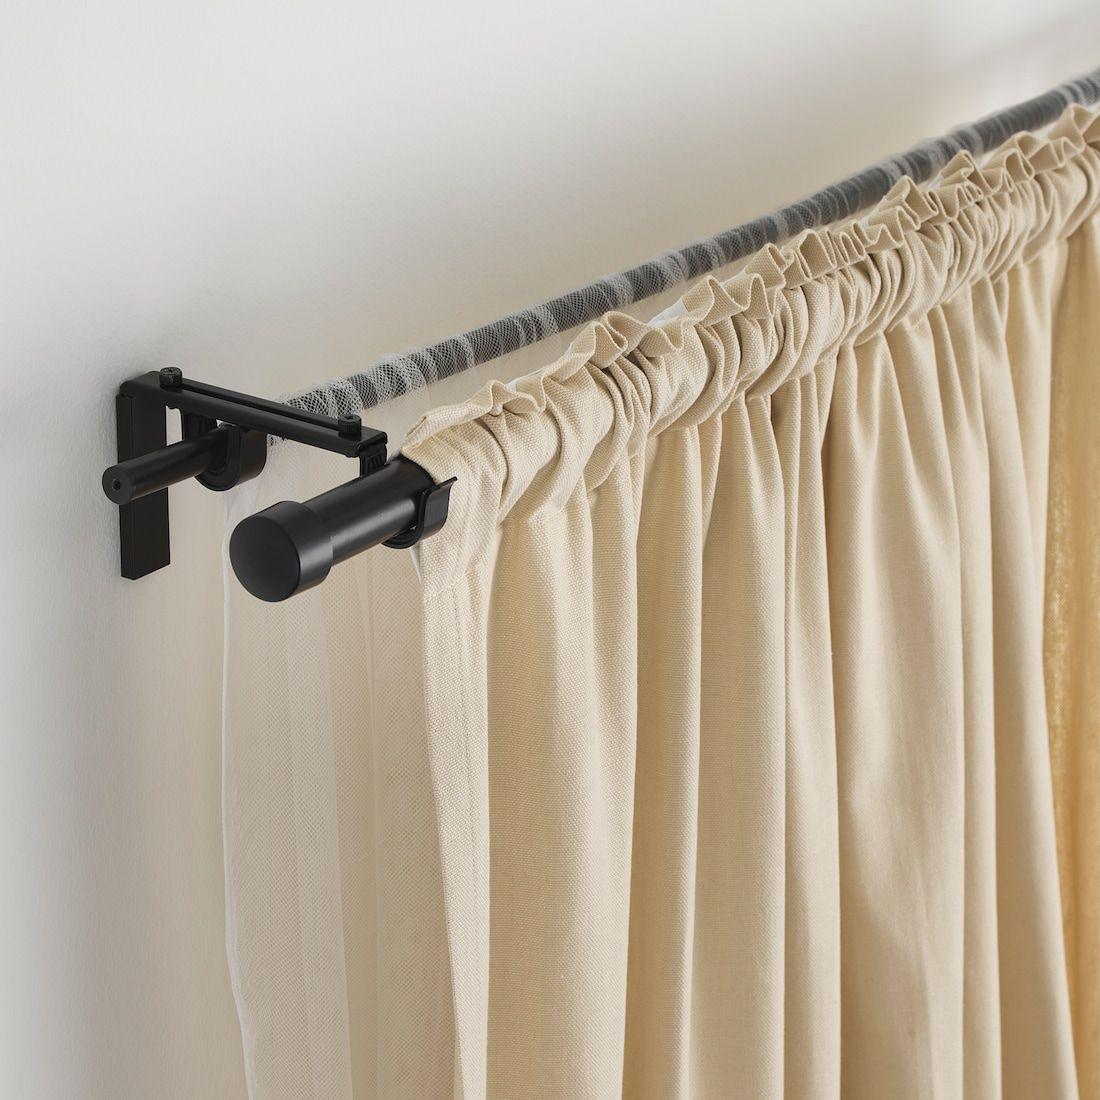 Racka Hugad Double Curtain Rod Combination Black Ikea In 2020 Double Rod Curtains Diy Curtain Rods Double Curtains